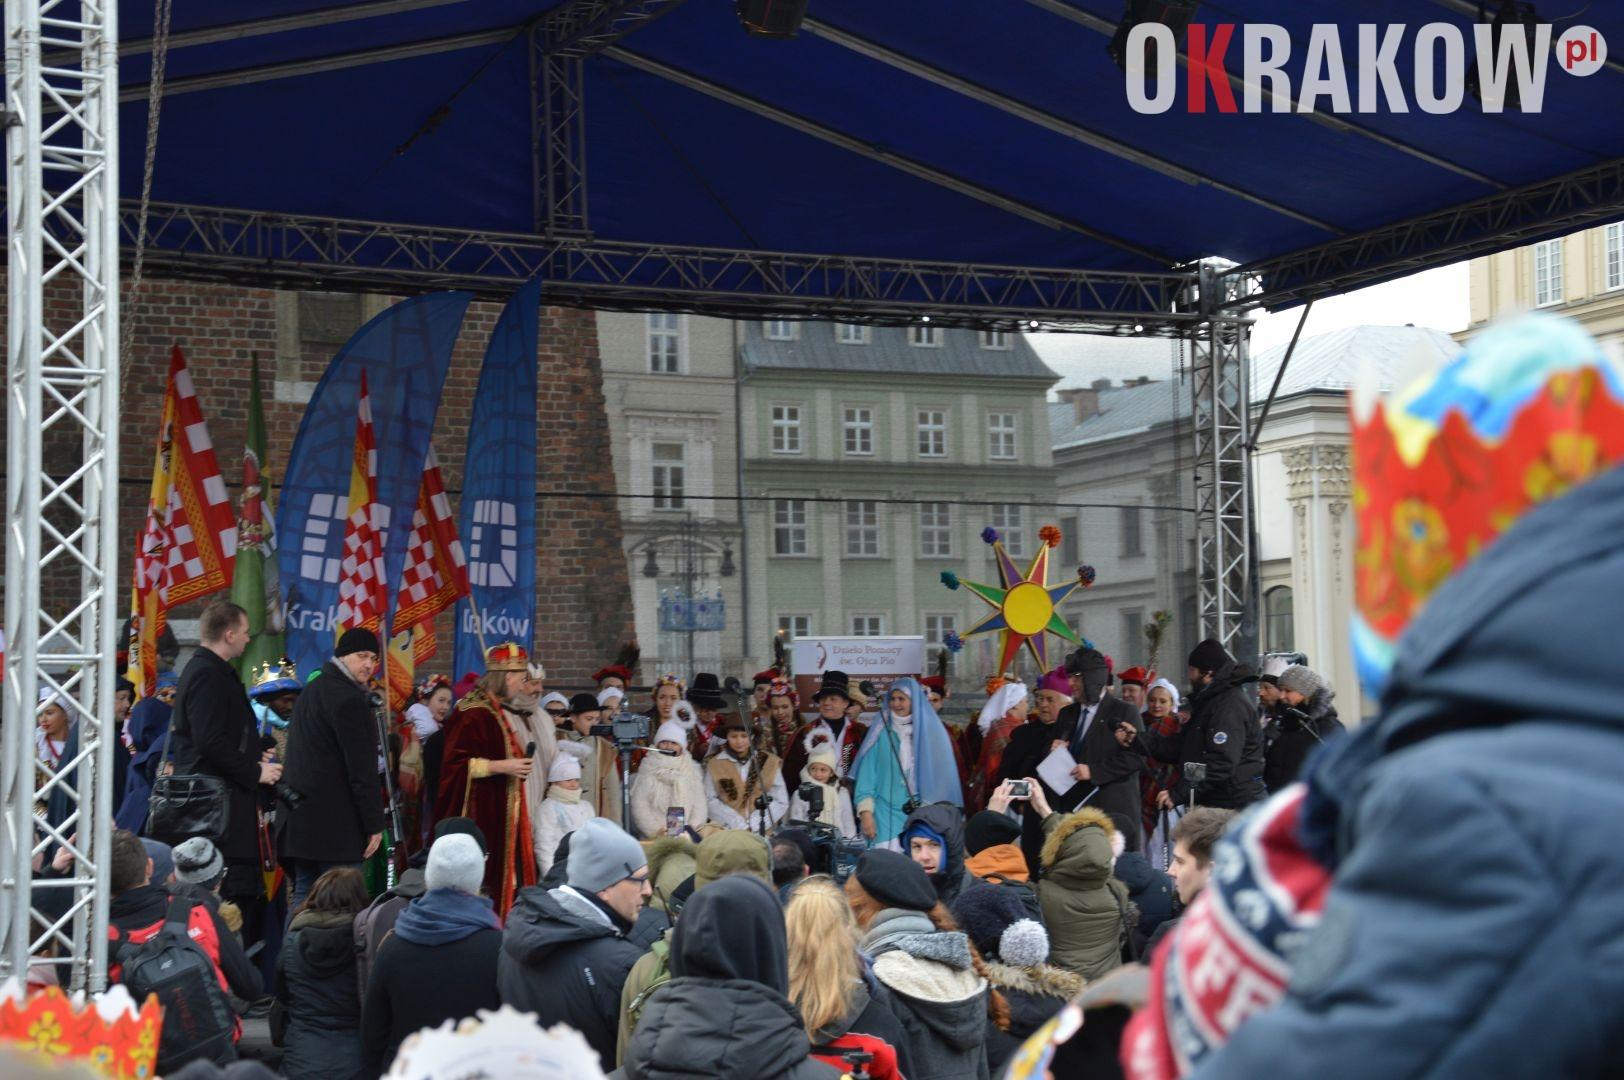 orszak 55 1 150x150 - Orszak Trzech Króli Kraków 2020 Galeria Zdjęć z Orszaku (czerwonego)